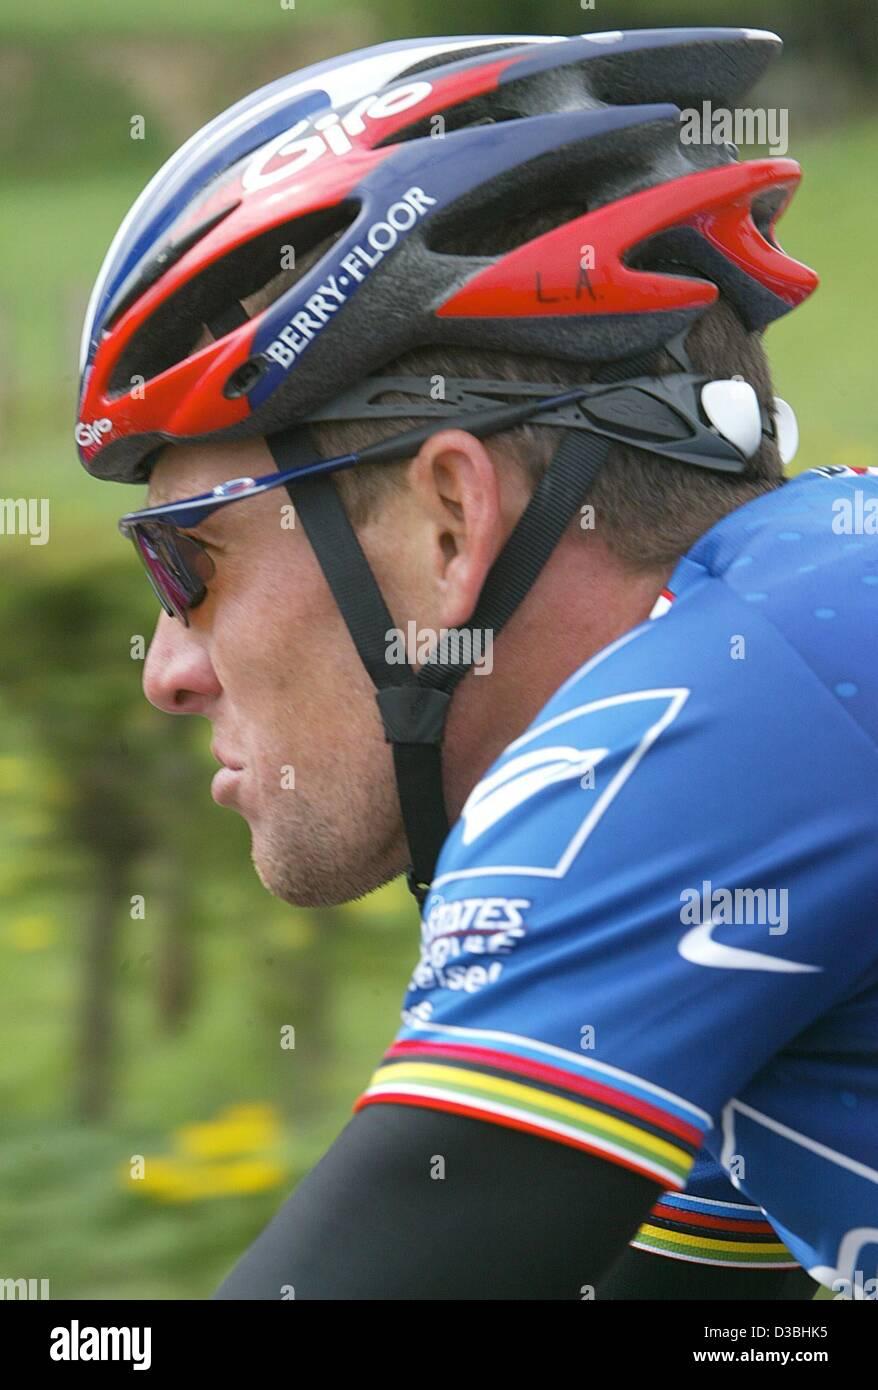 Sports Spo Cycling Us postal Helmet Tour de france France Stock ... 7cec67460